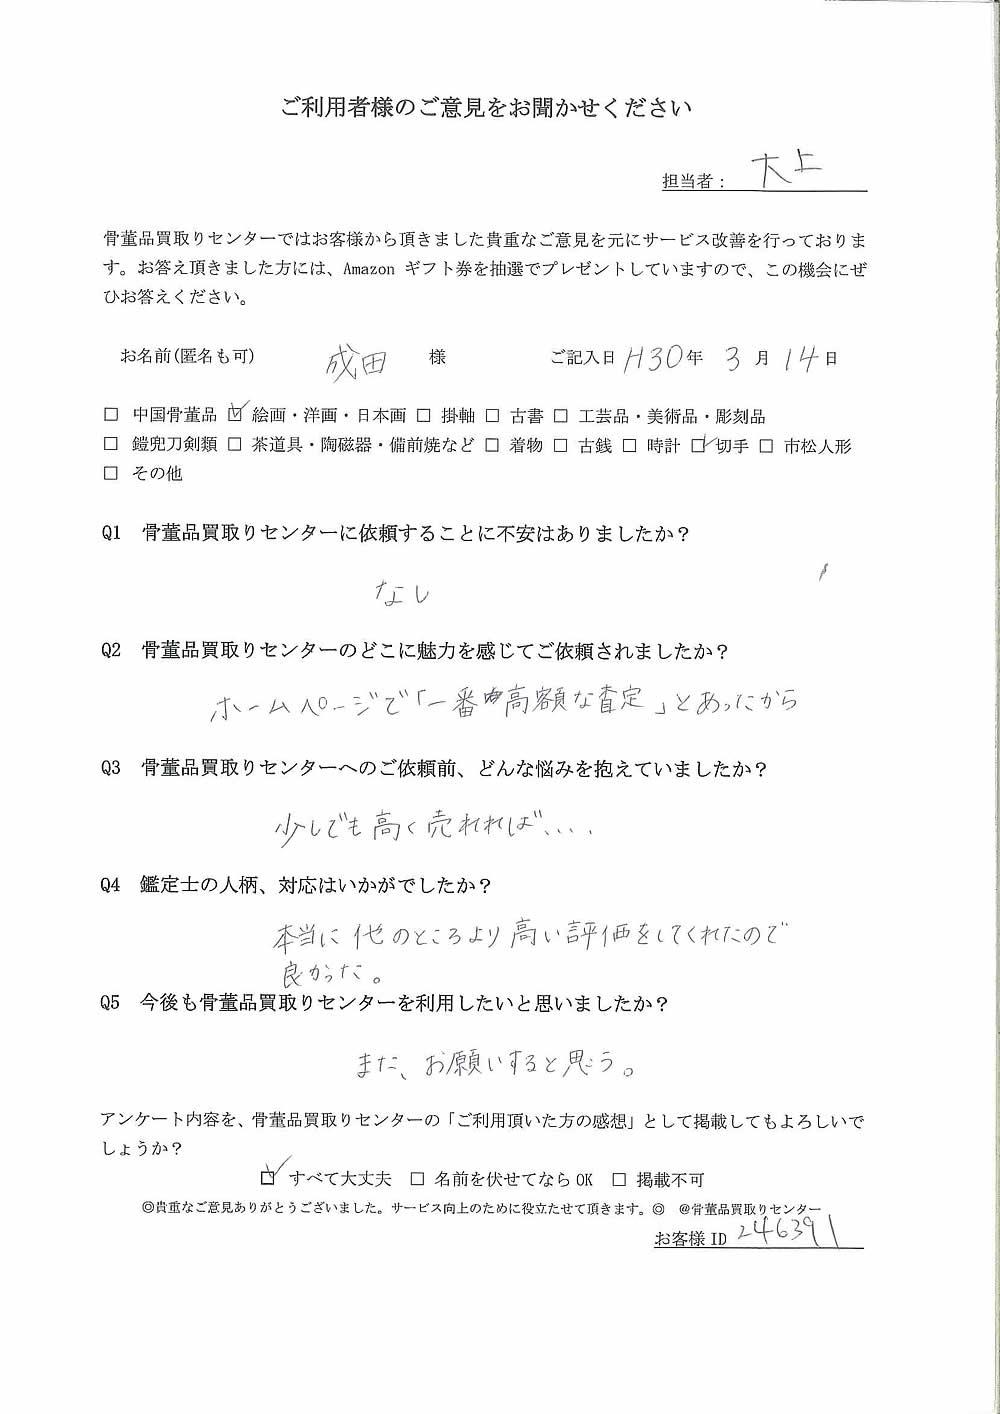 【宇都宮】絵画・洋画・日本画、切手買取り ご利用者様の声